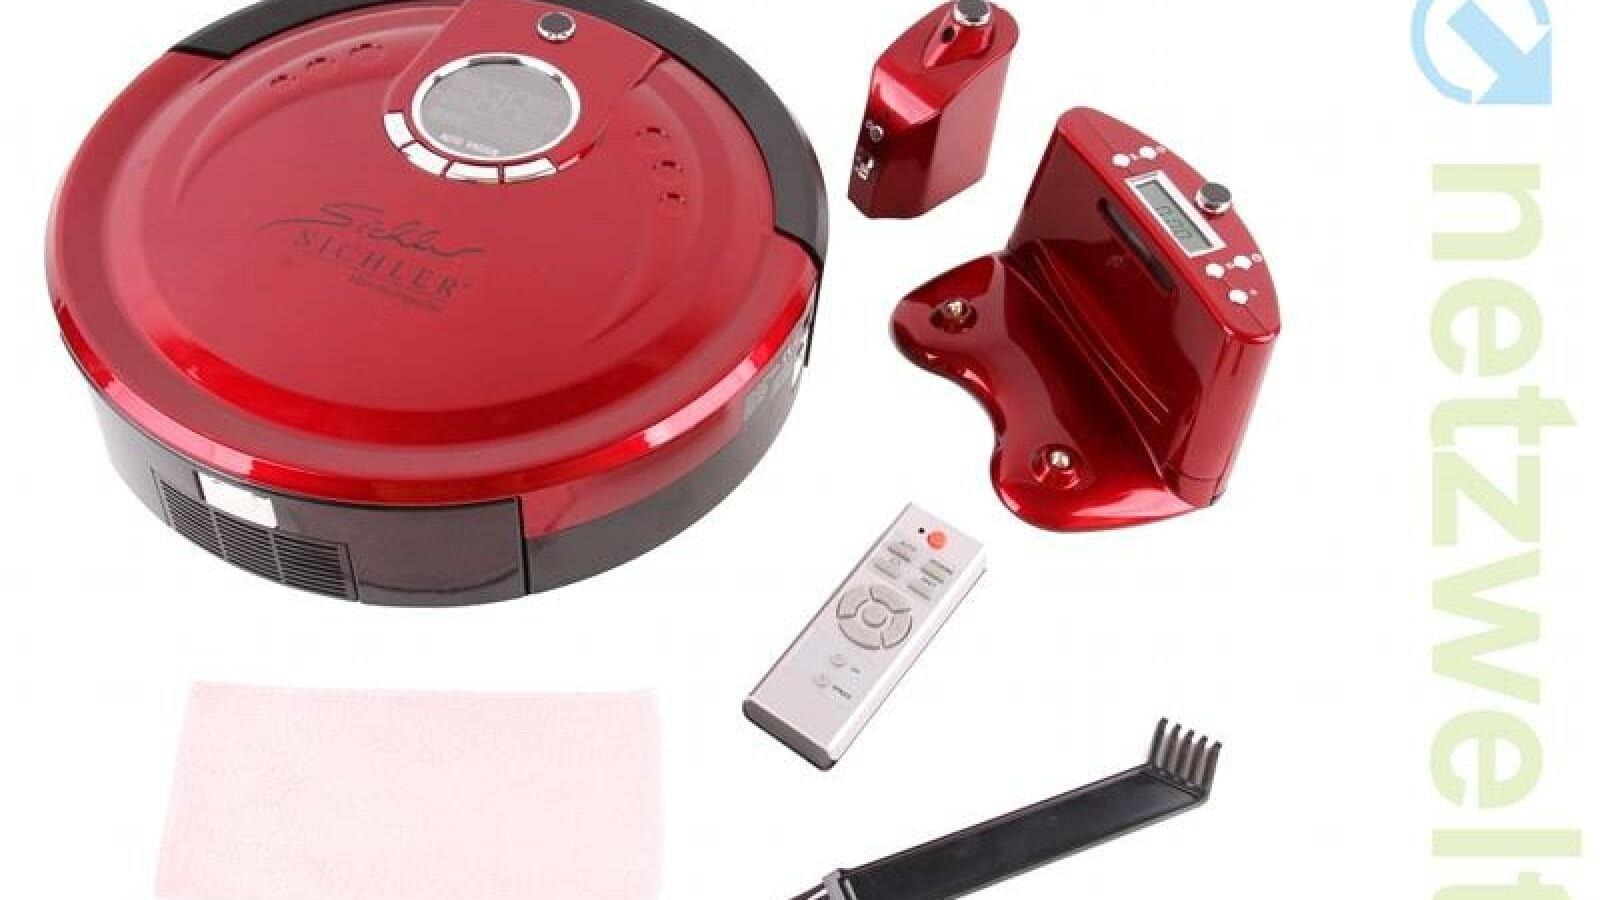 sichler pcr 3350 uv staubsauger roboter mit wisch. Black Bedroom Furniture Sets. Home Design Ideas